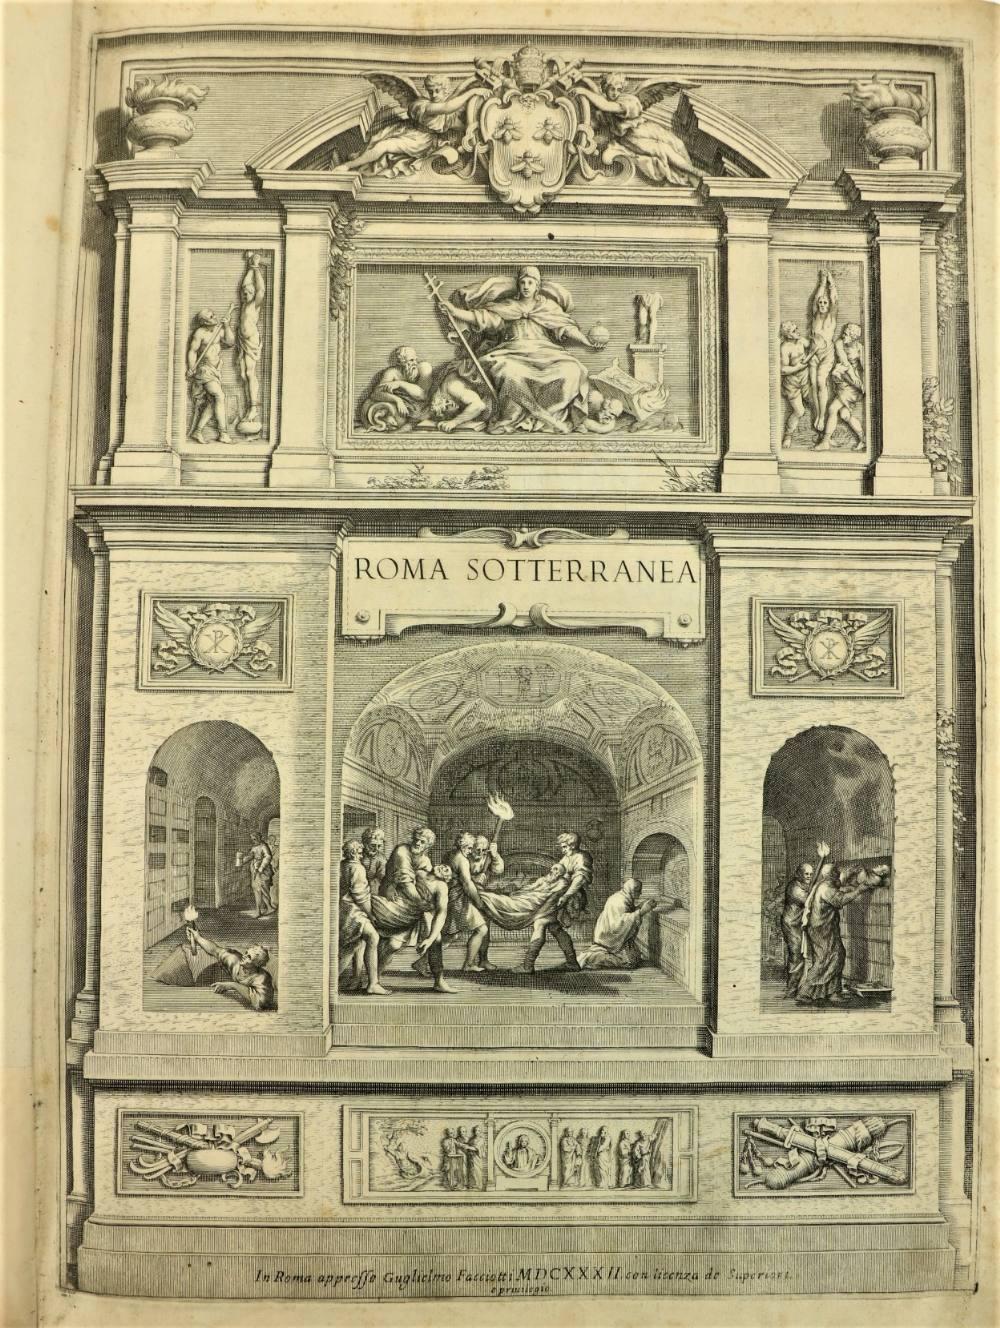 Bosio (Antonio)ÿRoma Sotteranea, Opera Postuma. Large thick folio Rome (Guglielmo Facciotti) 1632.